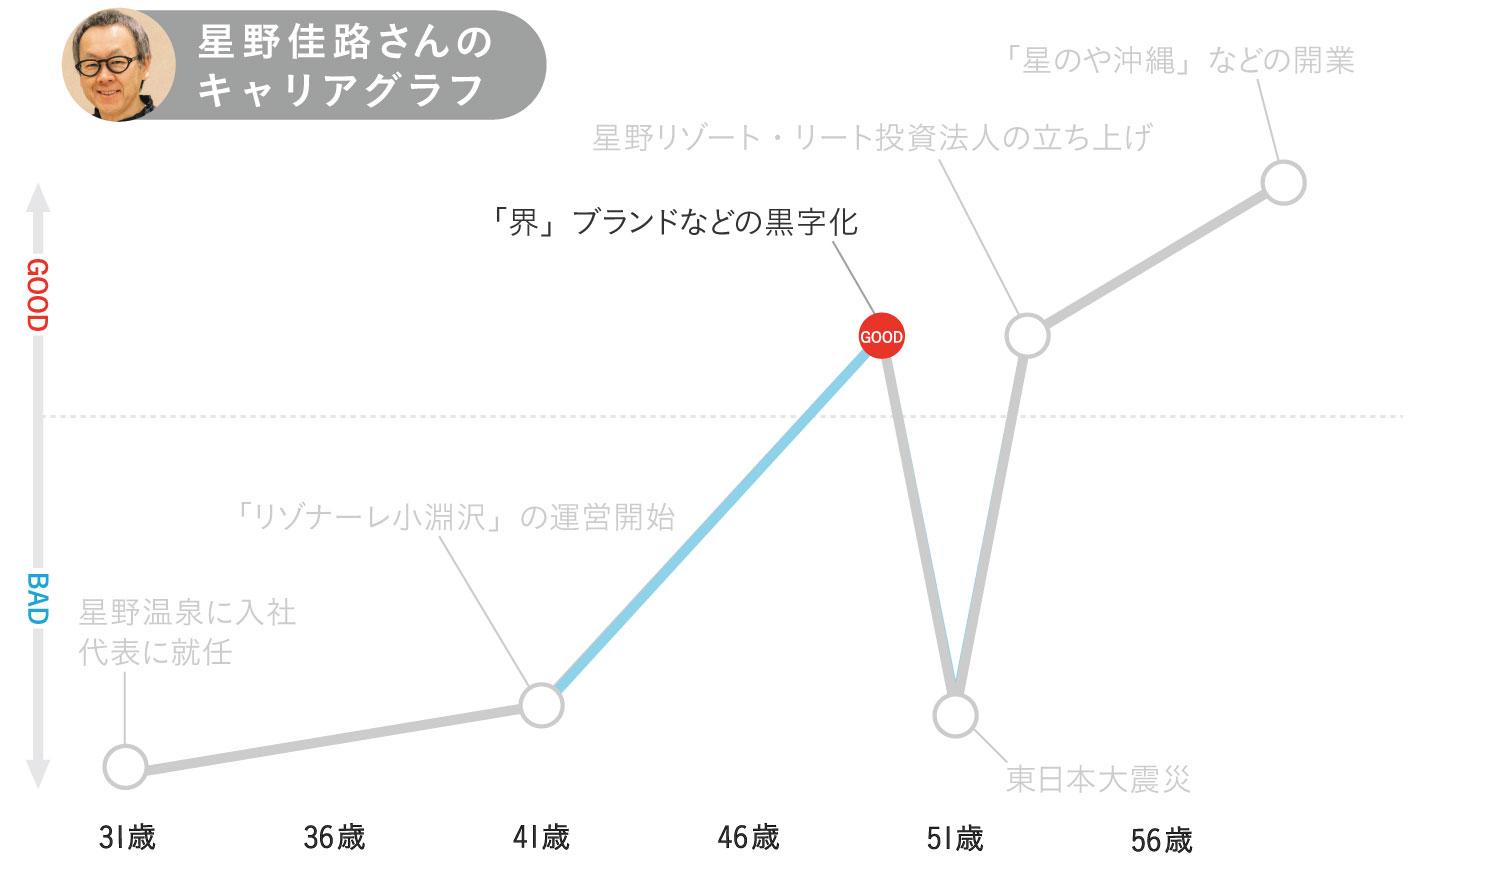 星野佳路さんのキャリアグラフ3